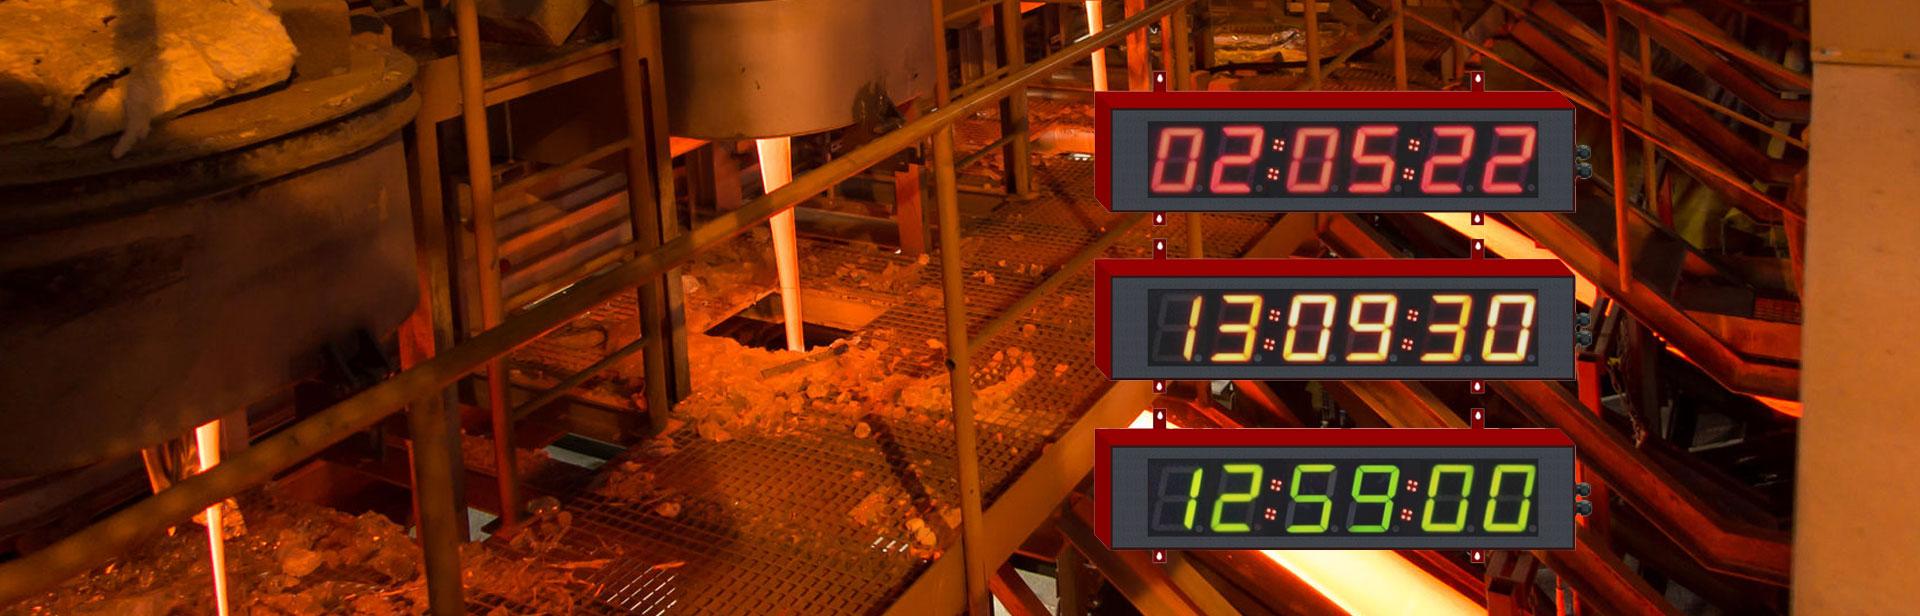 Chronométrage industriel : Afficheurs ACI